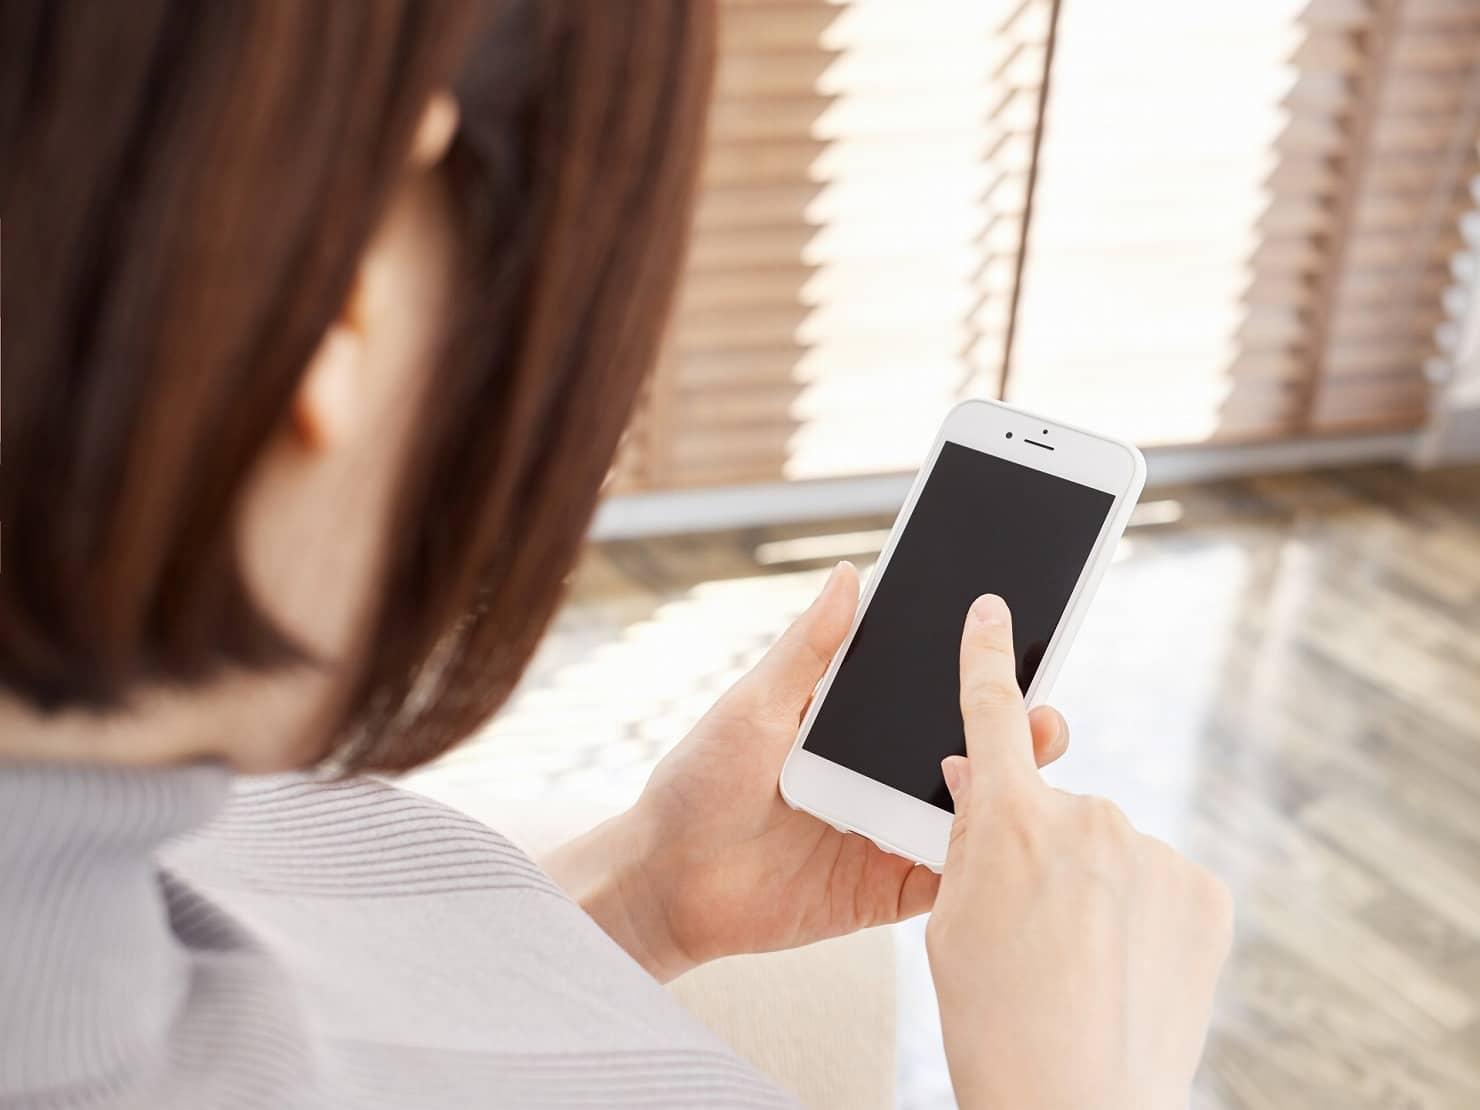 子育てに活用できるおすすめスマホアプリはコレ! 有料アプリと無料アプリを紹介